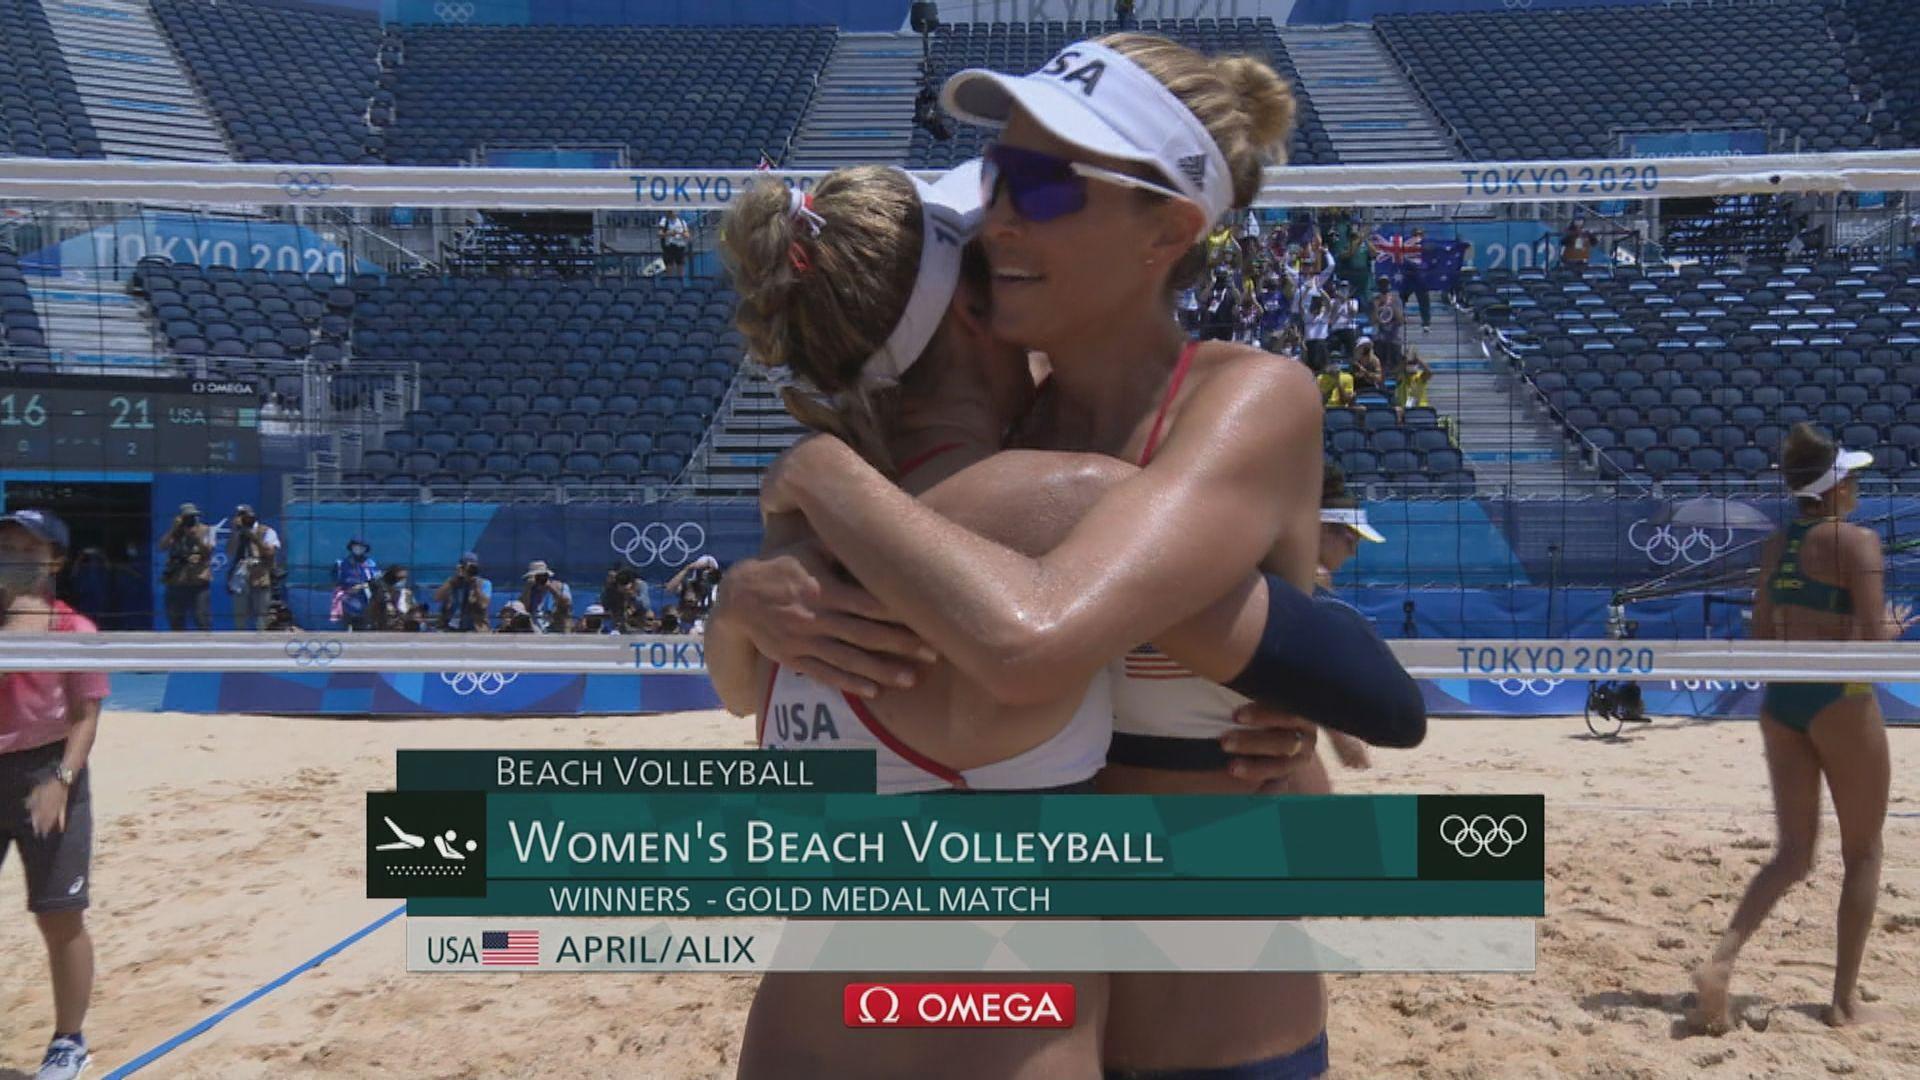 女子沙灘排球 美國擊敗澳洲奪金